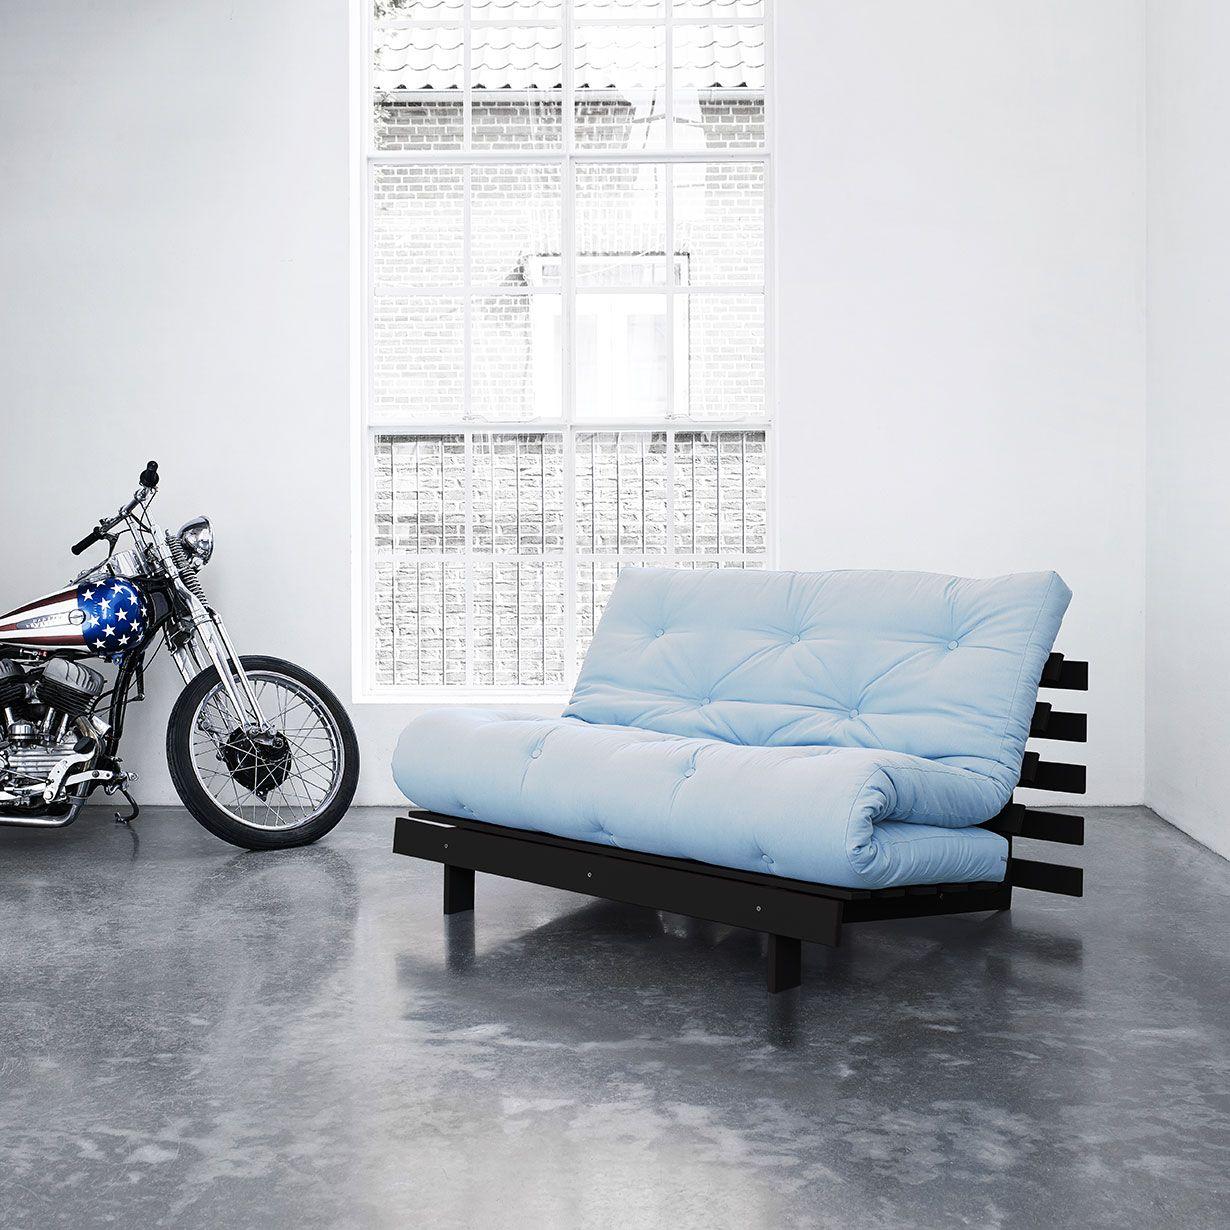 Karup - Il divano letto Roots ha un design unico progettato per essere un divano adatto a qualsiasi ambiente che in poche mosse si trasforma in comodo letto matrimoniale. I futon sono normalmente imbottiti con un mix di cotone, poliestere e lana, ma in molti viene aggiunto uno strato di schiuma per migliorarne la morbidezza. I materassi futon possono essere puliti con una spazzola dura. Il materasso misura 140x200 cm. Struttura in legno di pino FSC, rivestimento in 70% Cotone-30% poliestere.